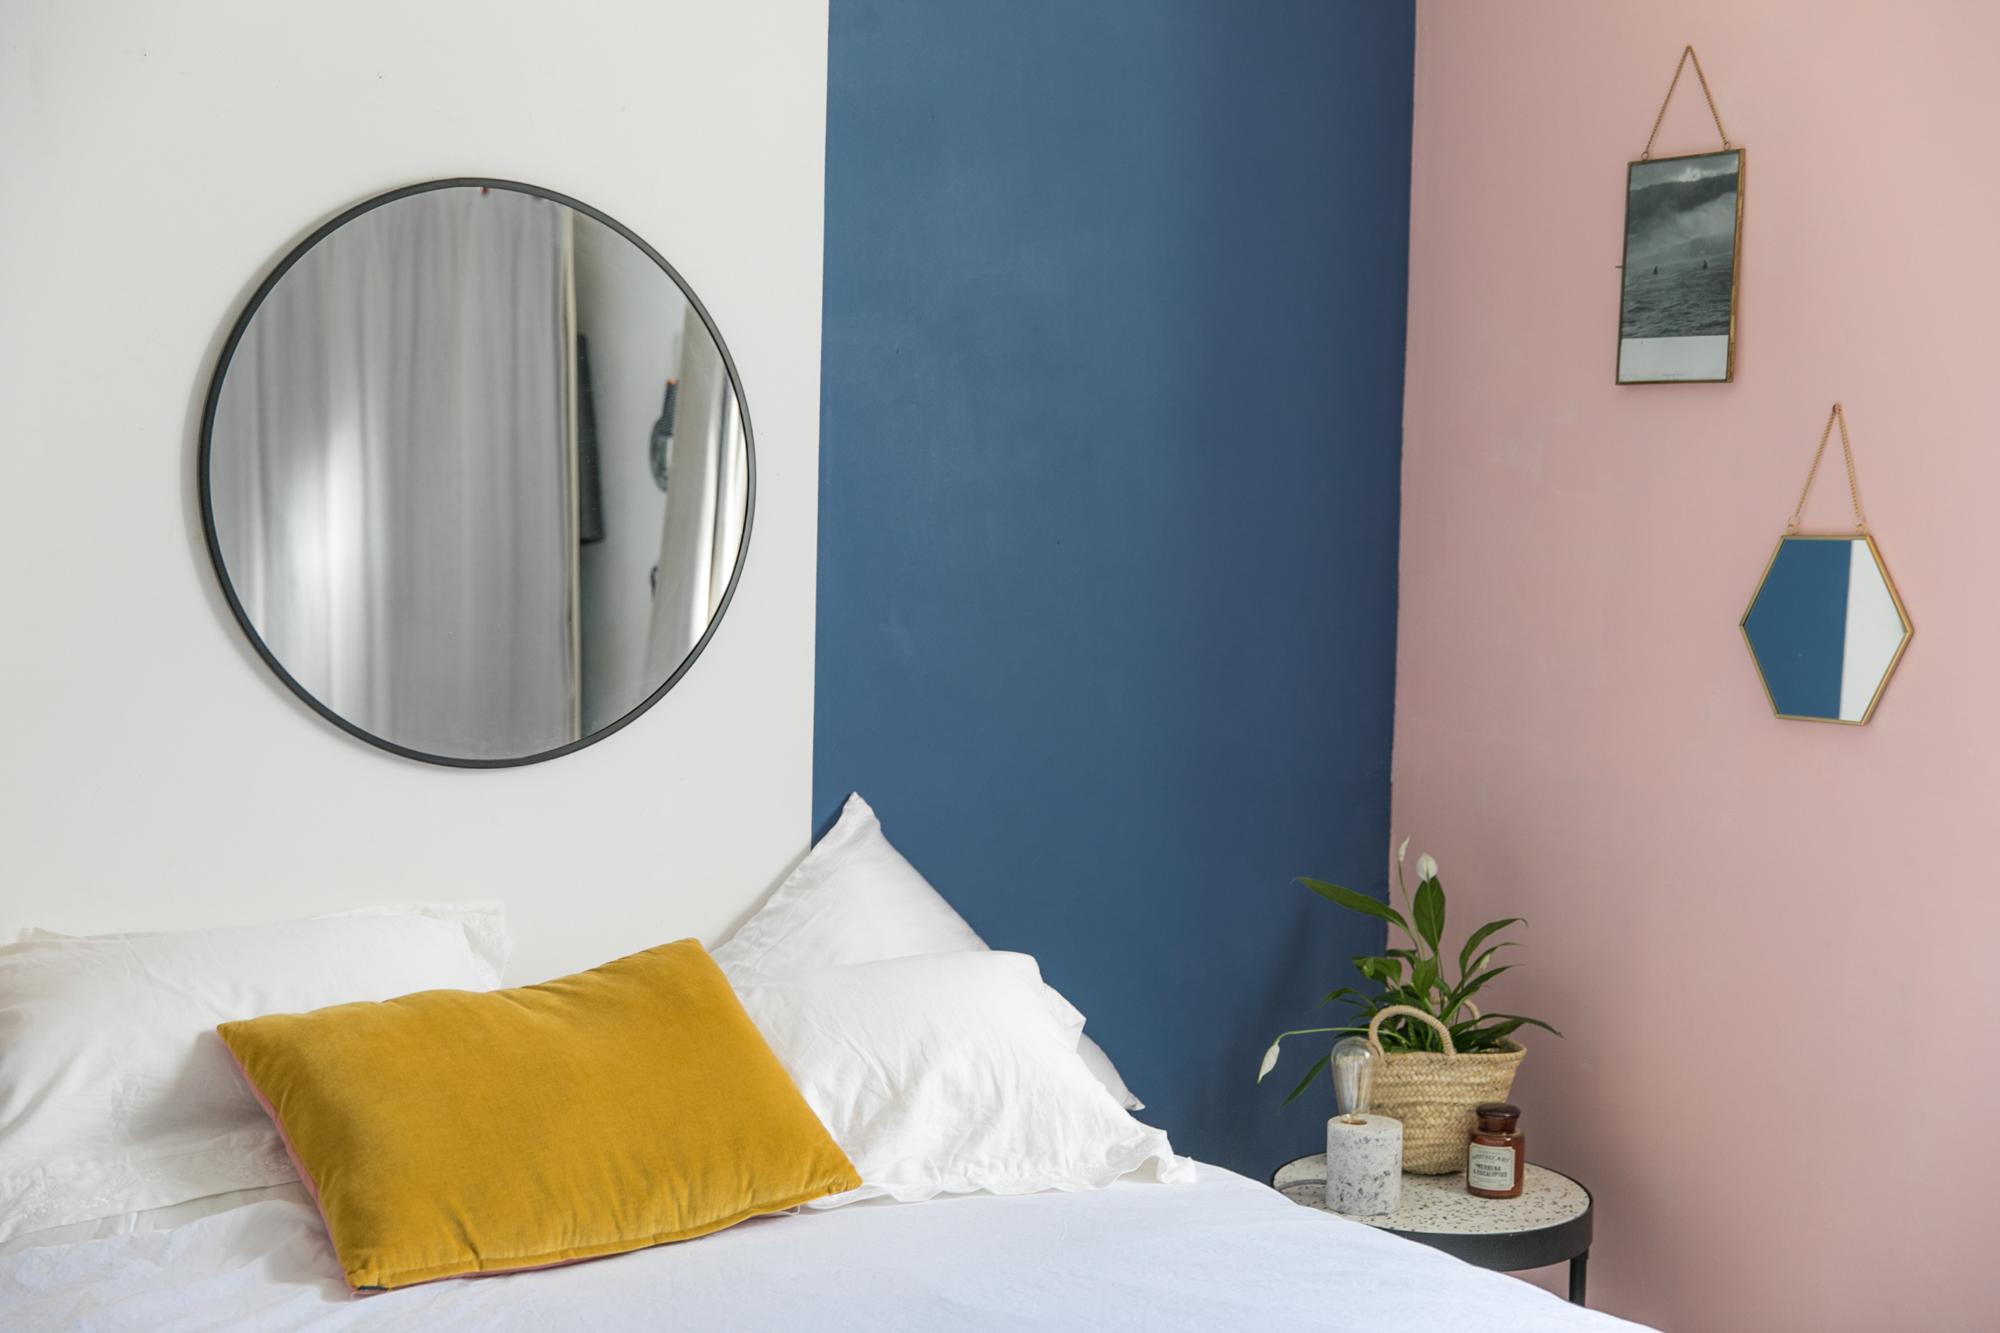 Peindre 2 Murs Sur 4 un mur bleu et rose dans ma chambre • sp4nk blog